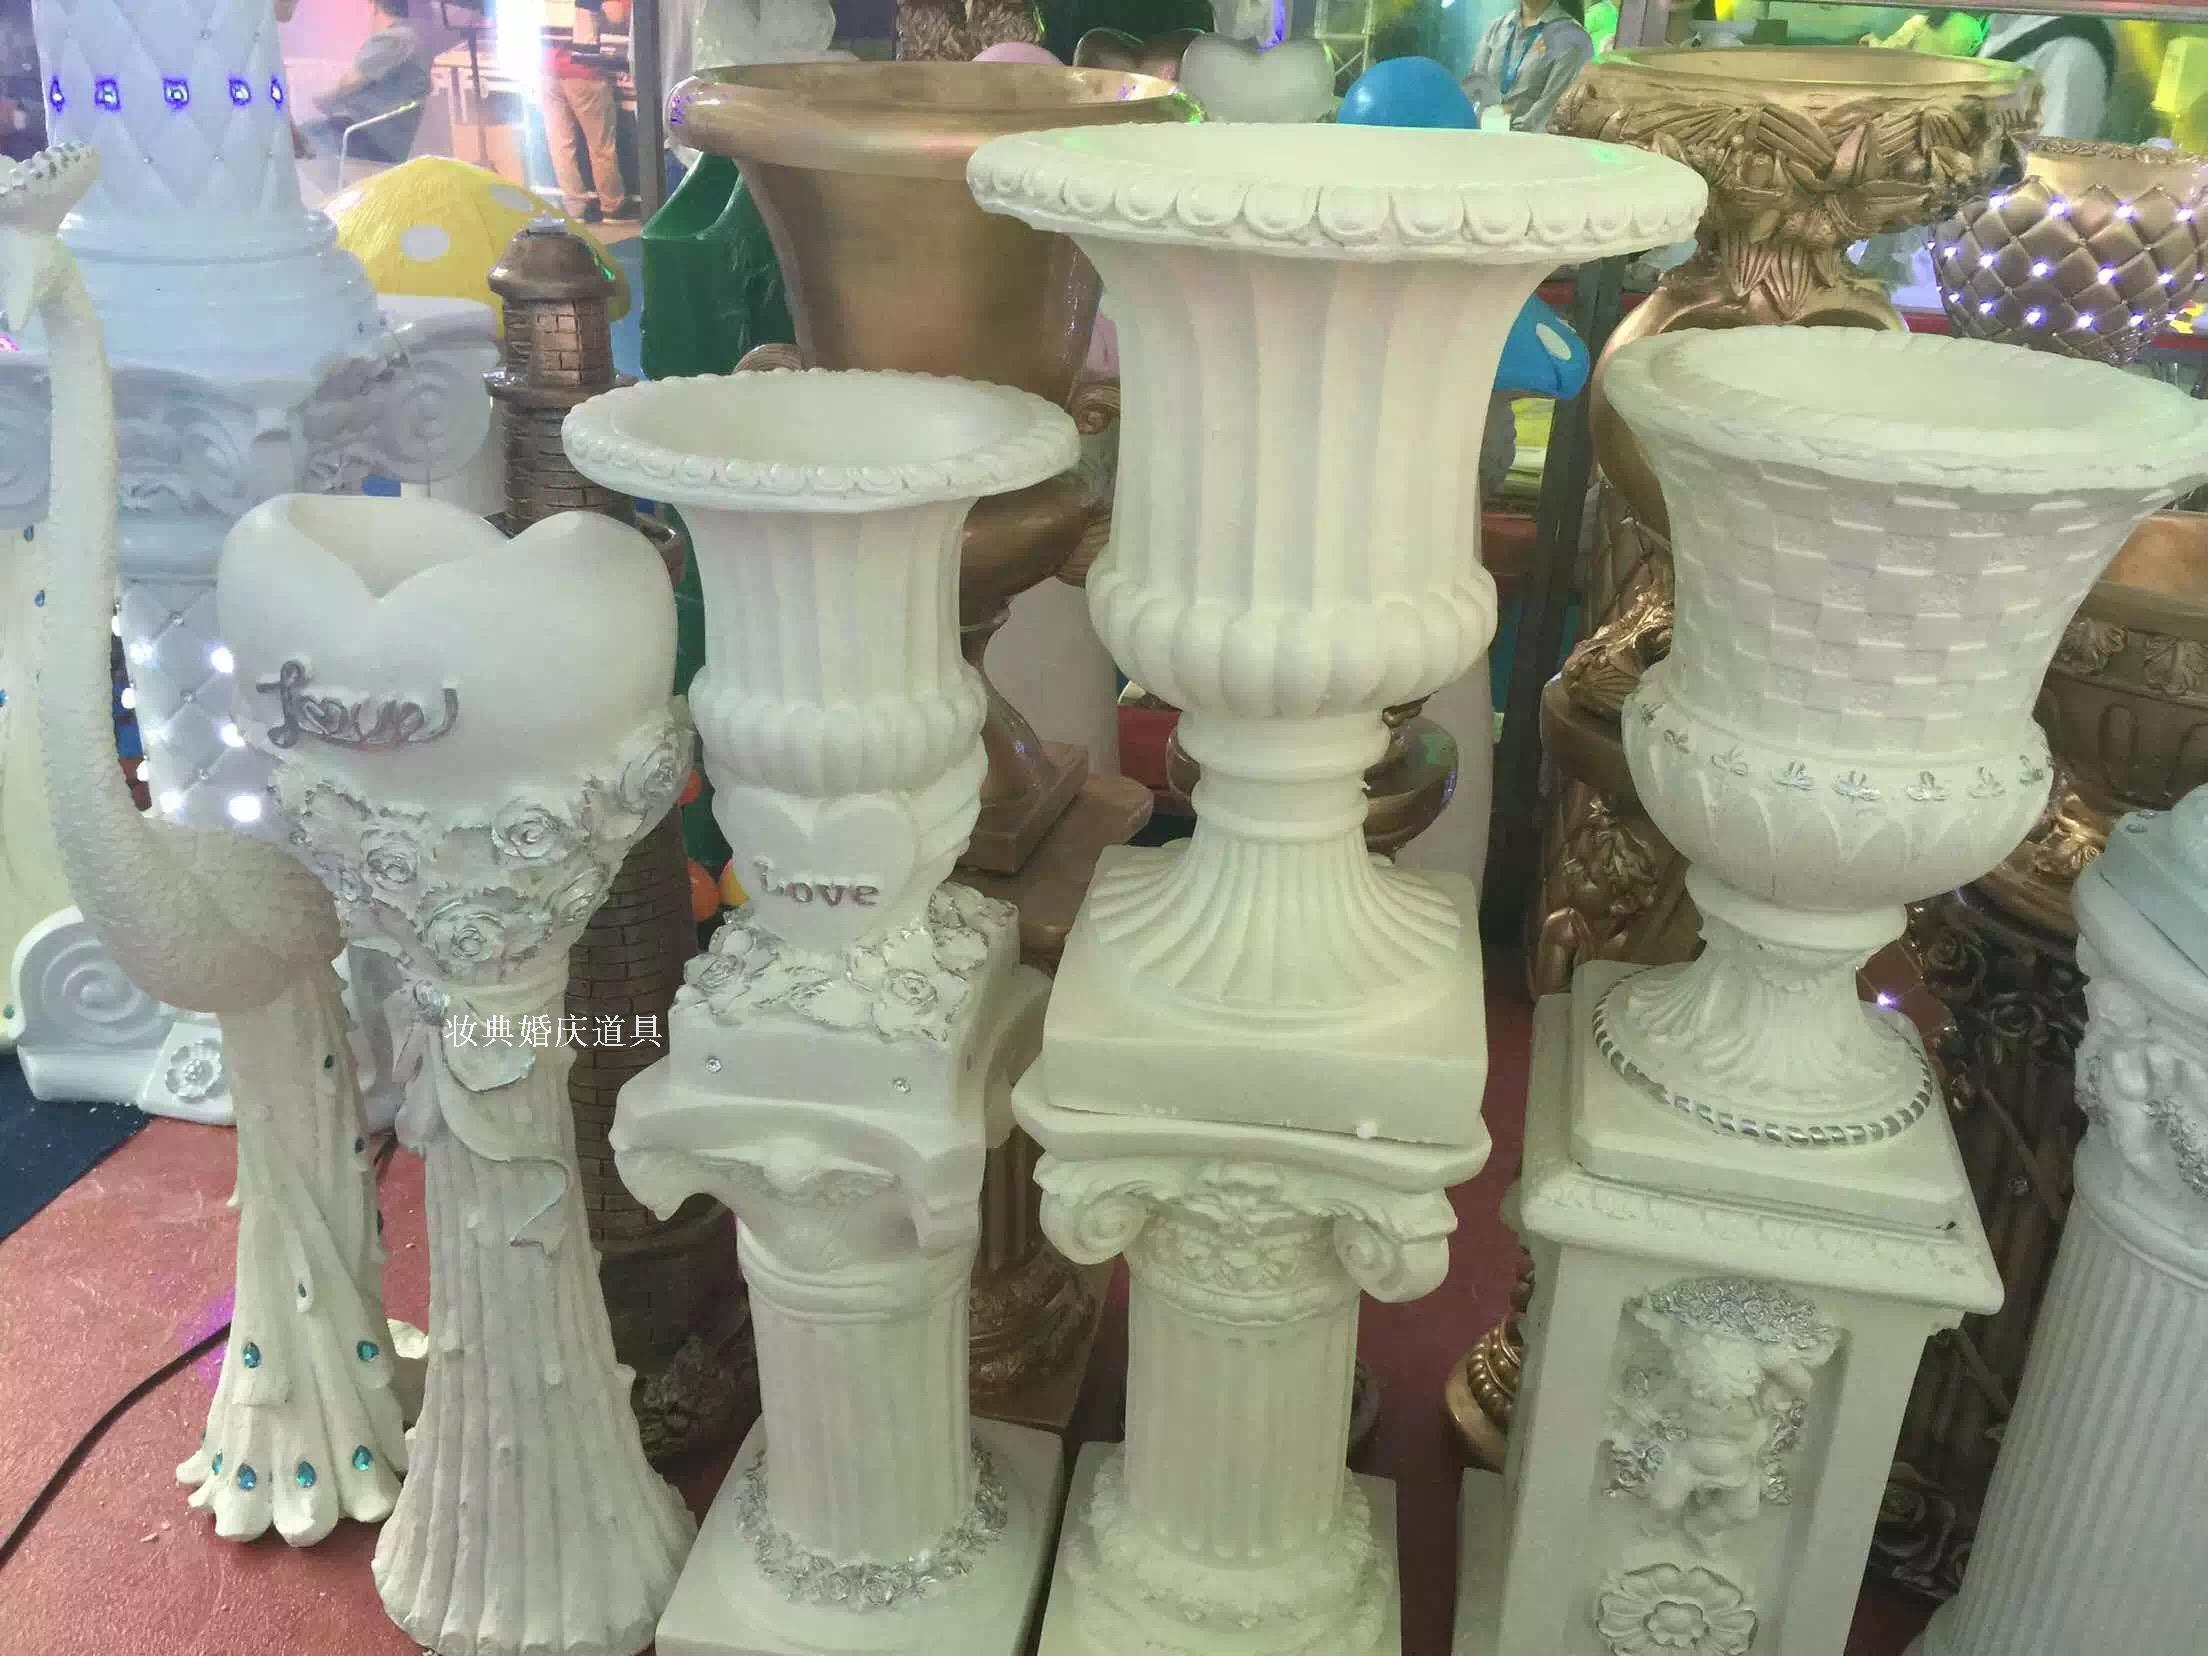 热卖新款婚庆道具欧式金色条罗马柱路引花盆玻璃钢树脂路引道具推荐图片